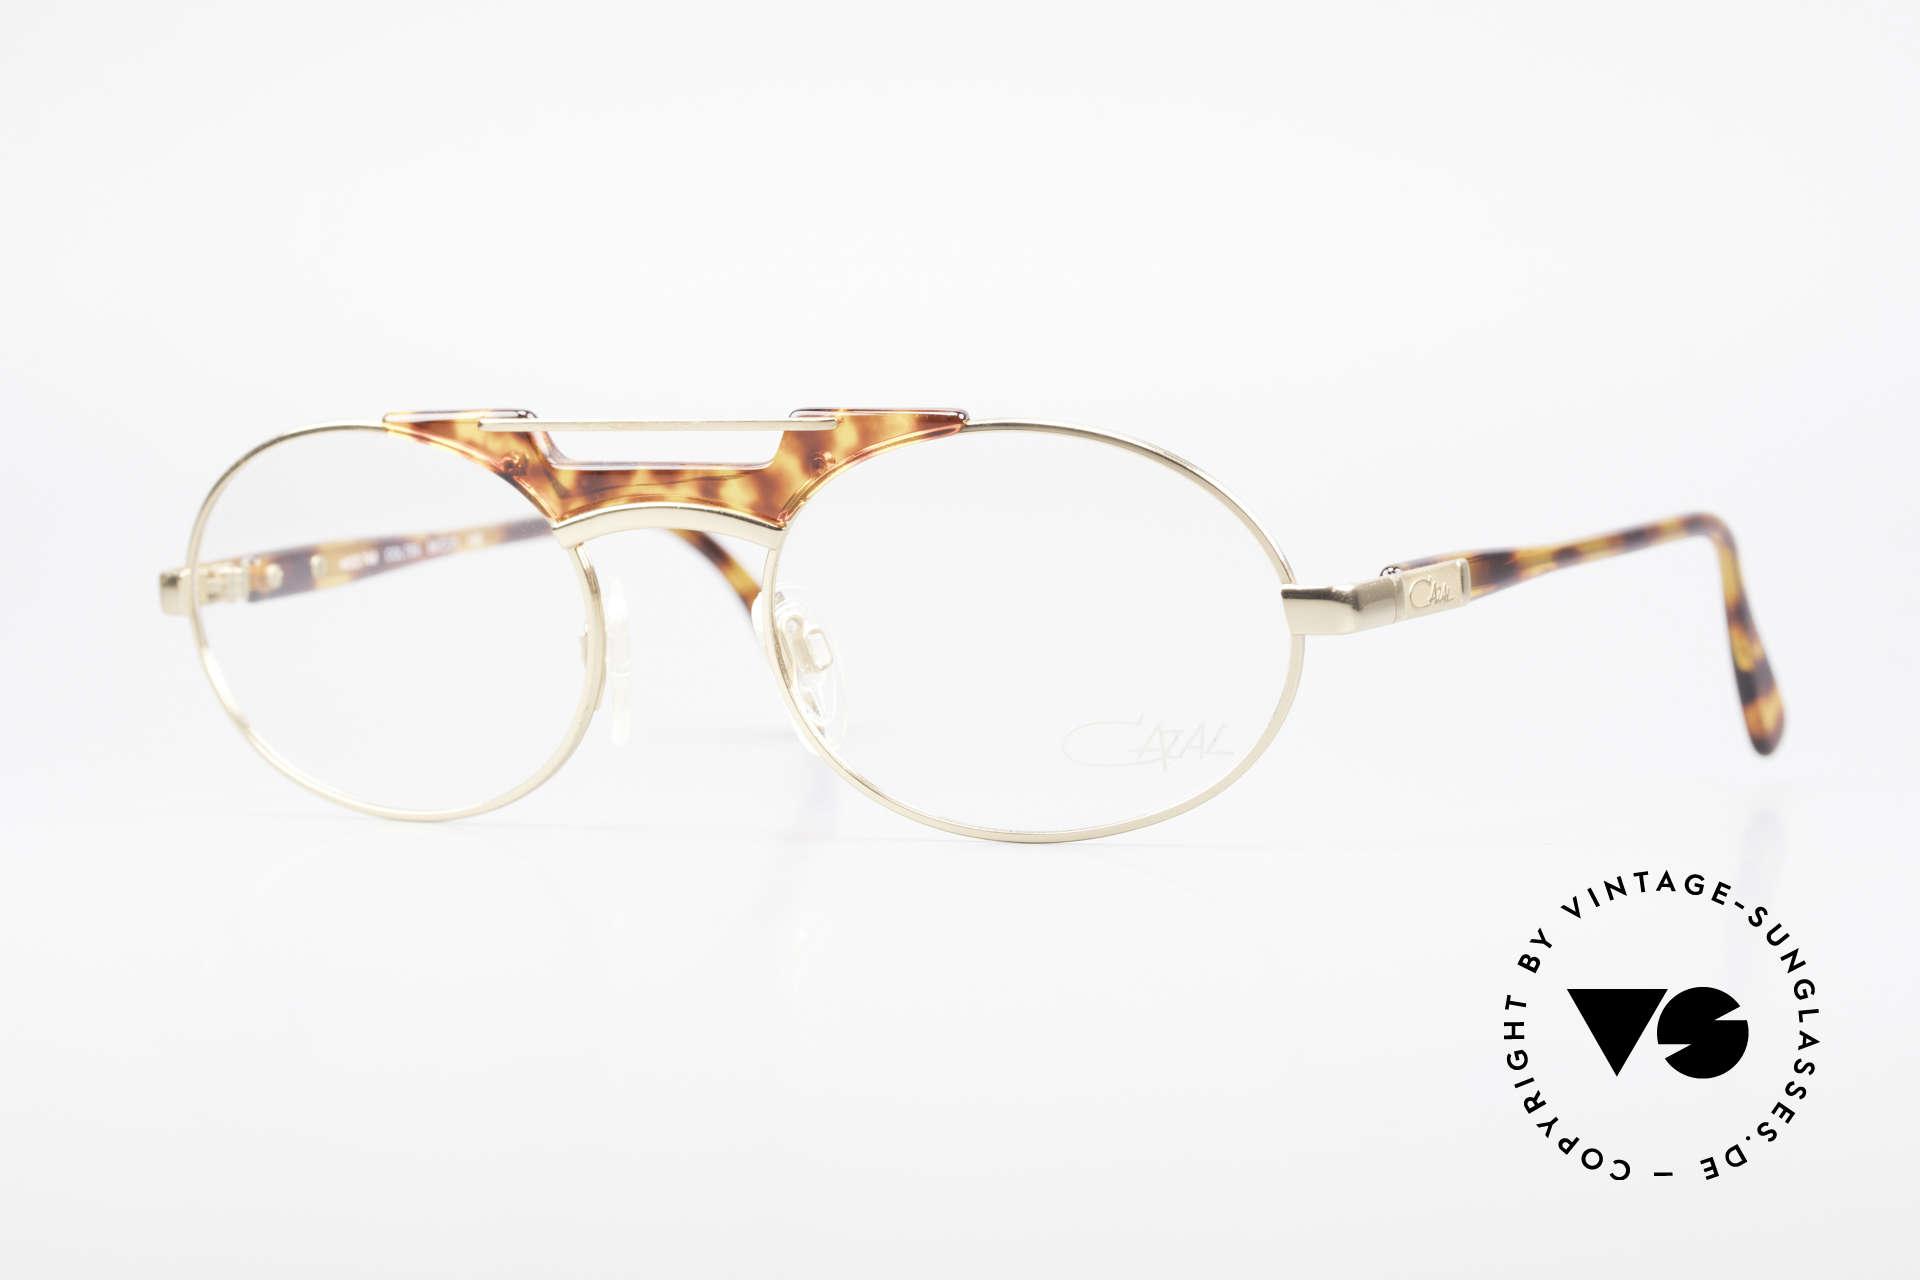 Cazal 749 Ovale Designer Brille Unisex, elegante CAZAL Designerbrille der frühen 90er, Passend für Herren und Damen